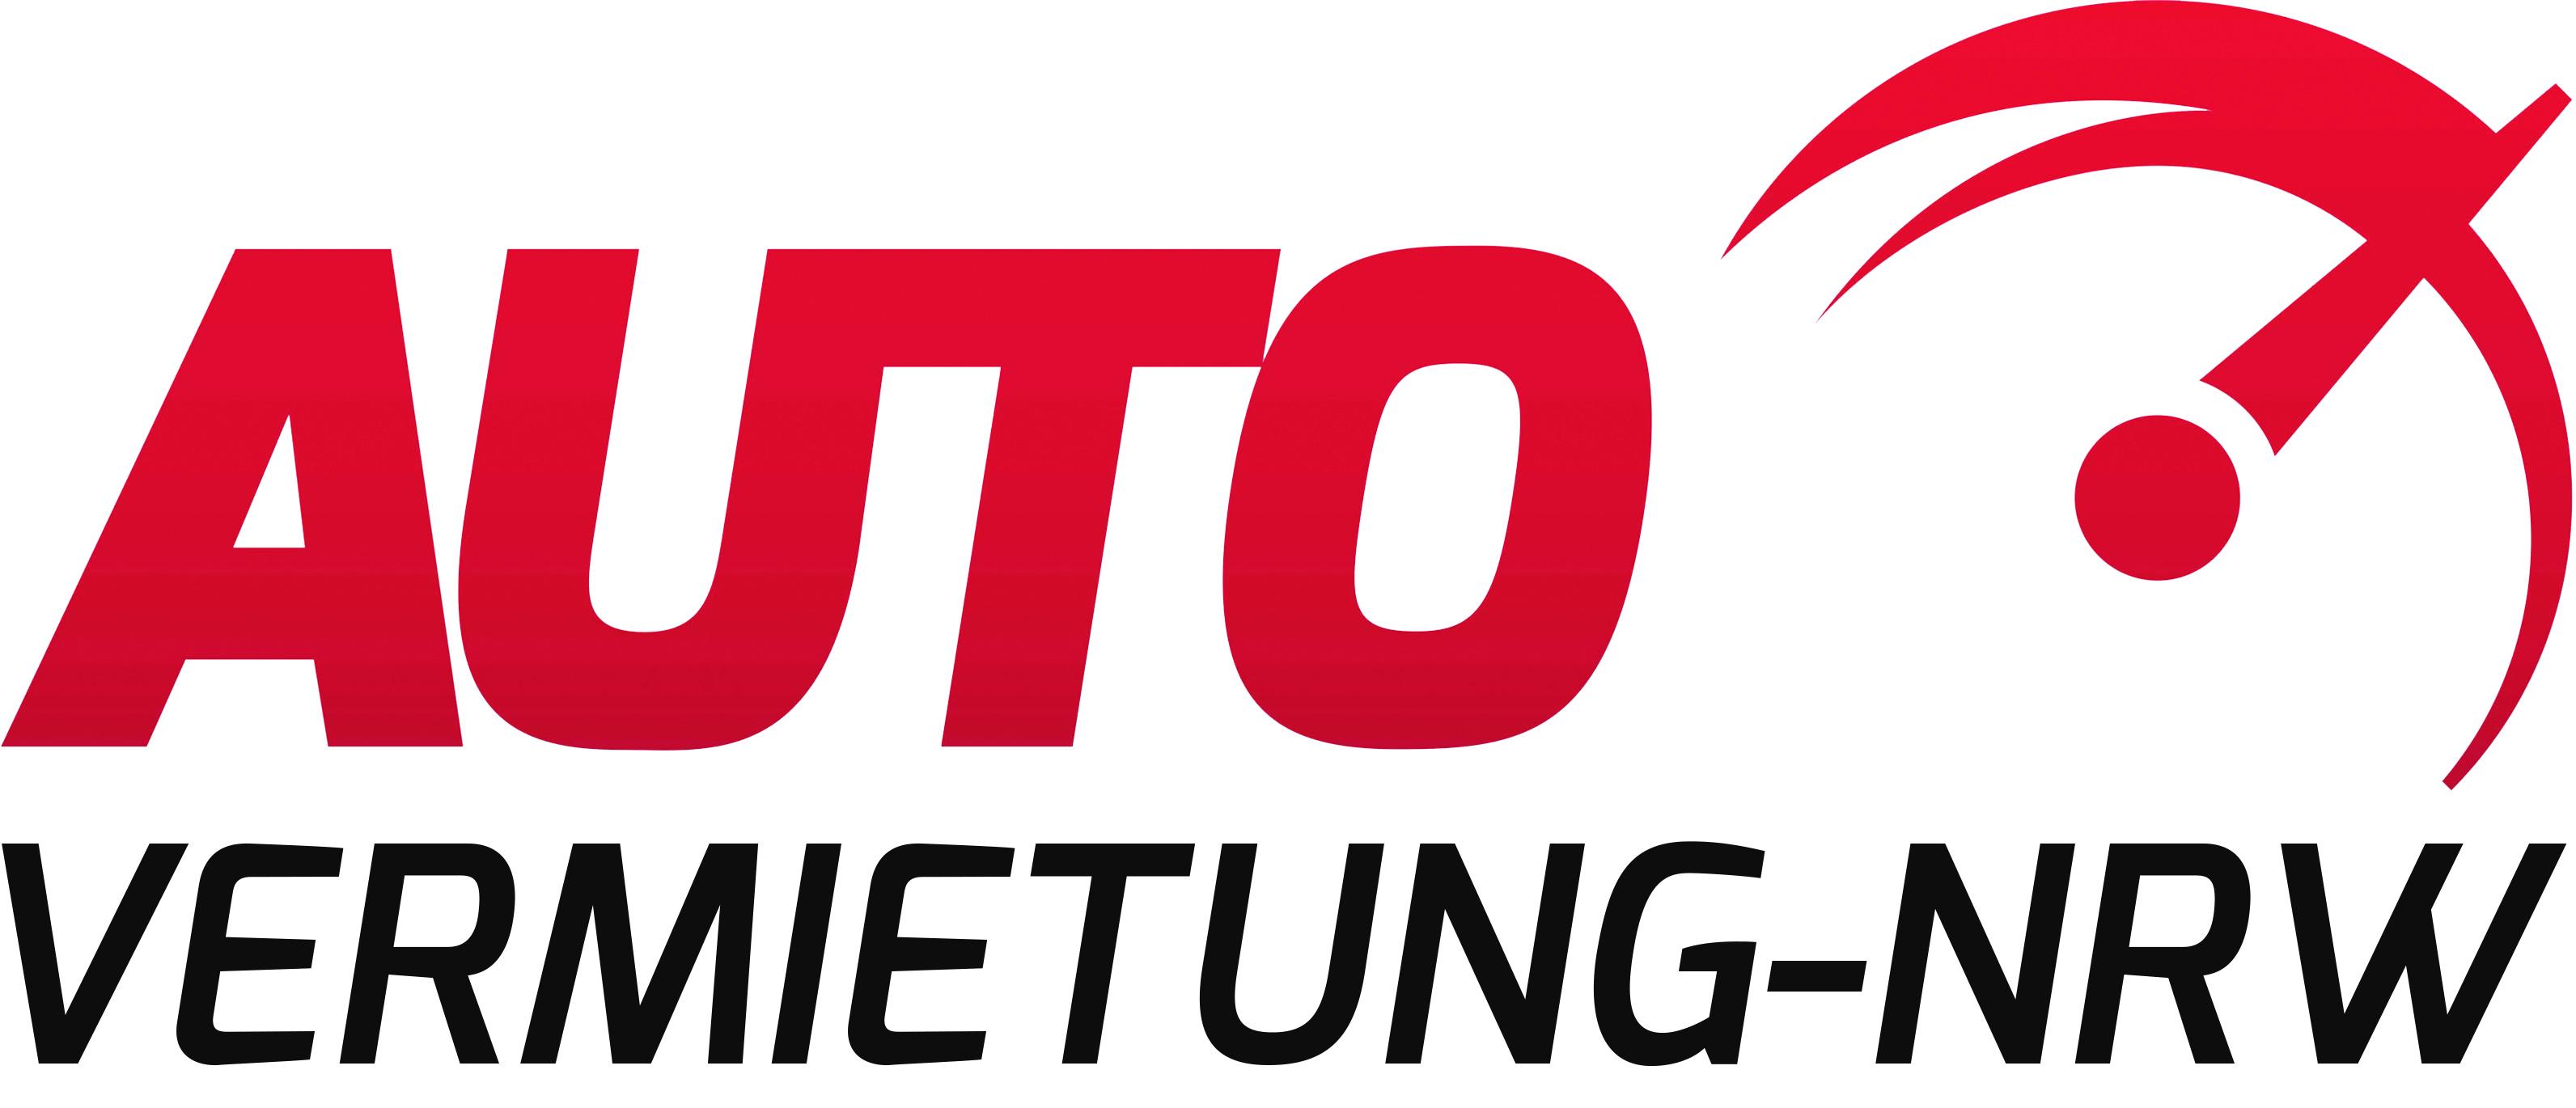 Autovermietung NRW